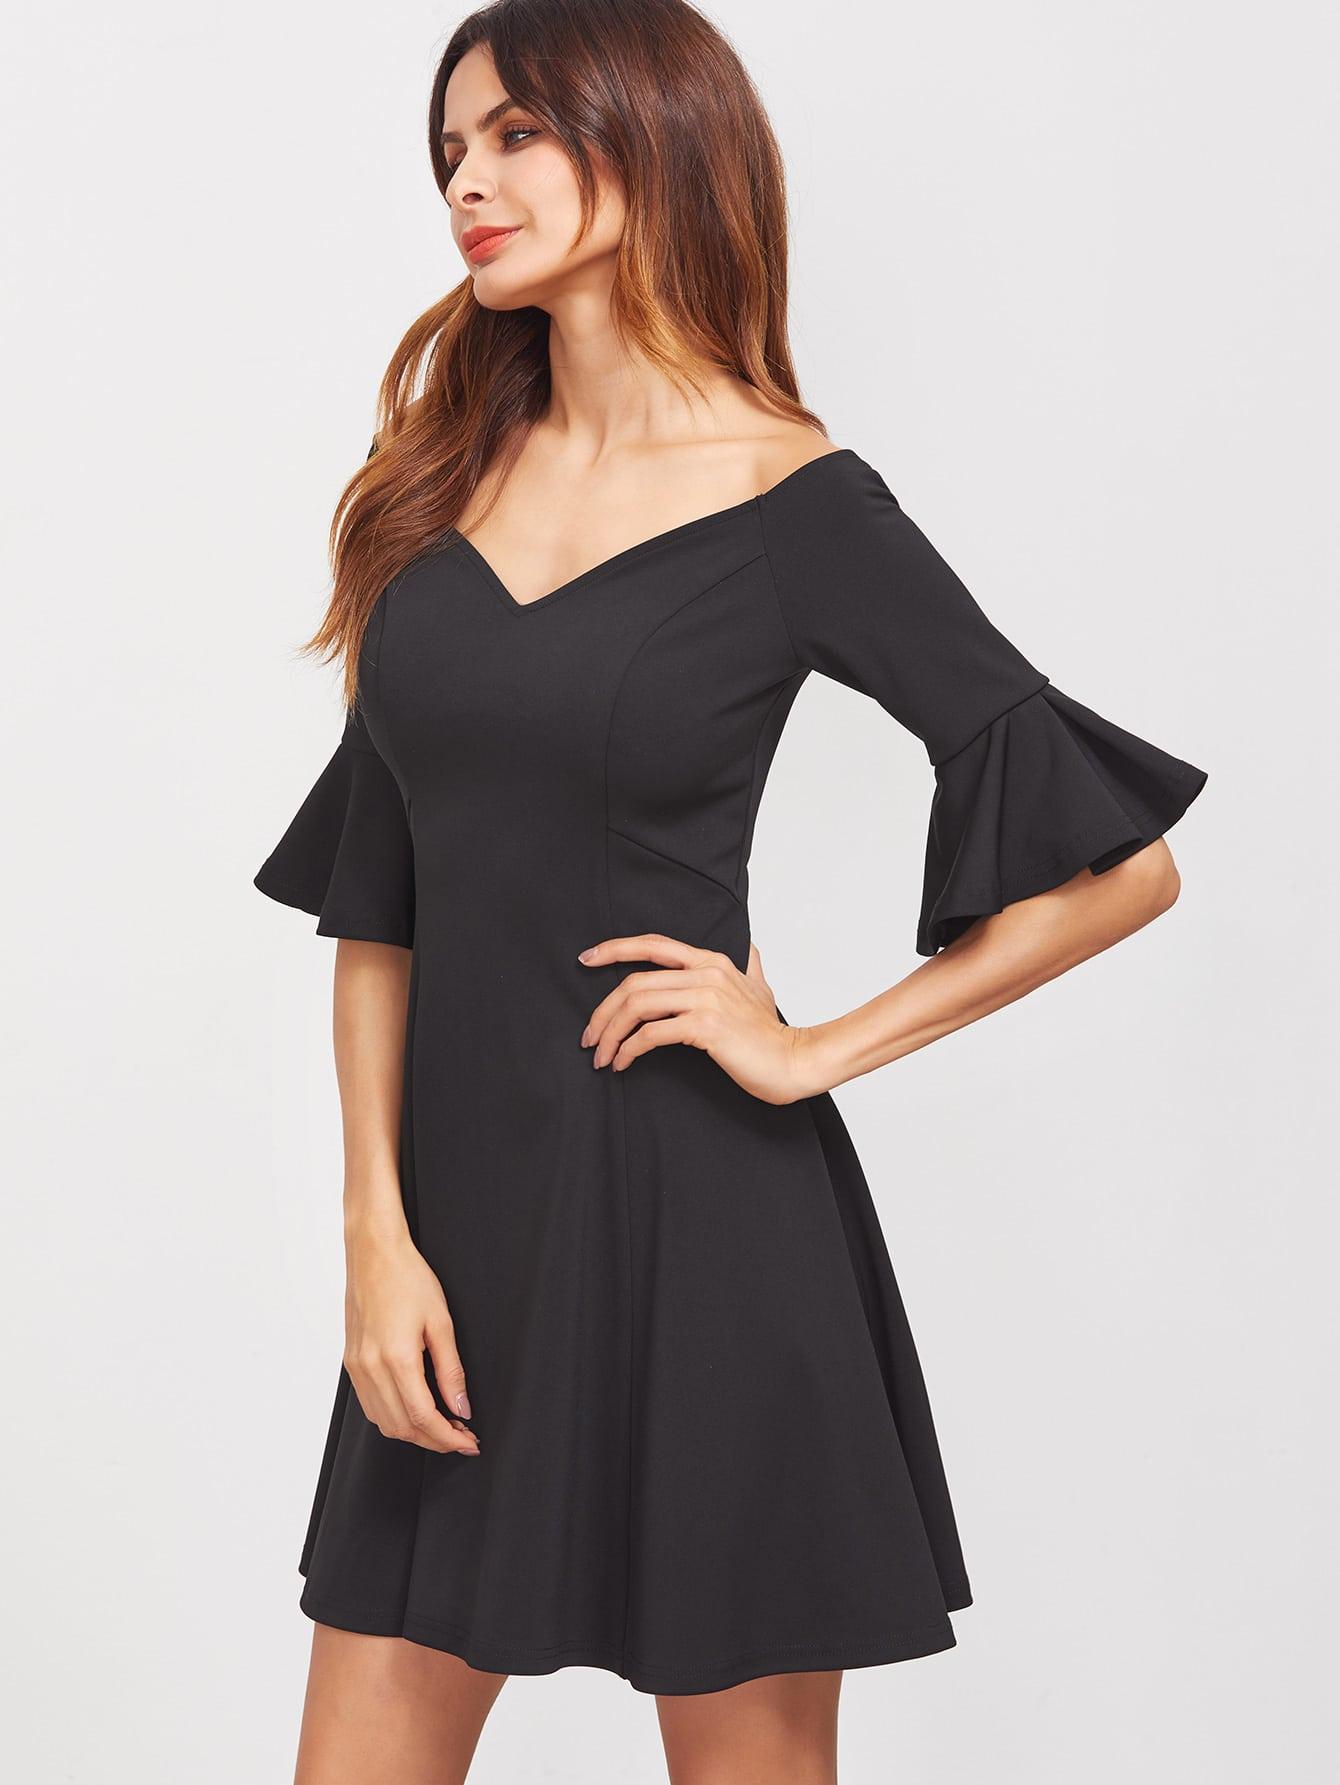 dress161230714_2